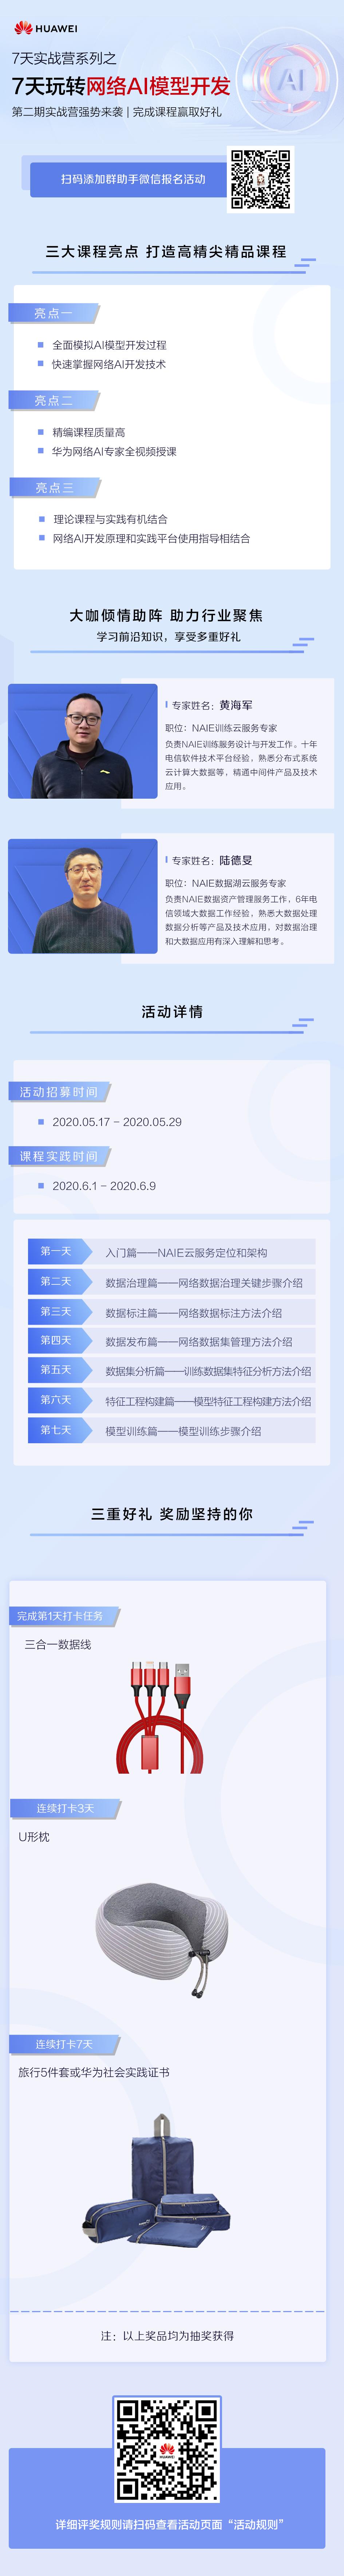 7天玩转网络AI 2期(修改5.12).png